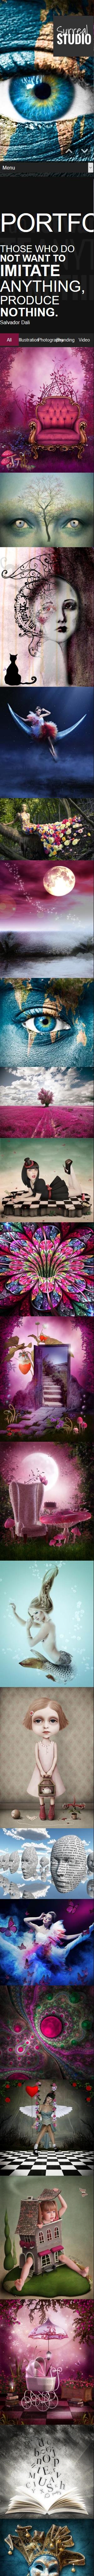 摄影彩妆造型类英文网站模板制作手机图片